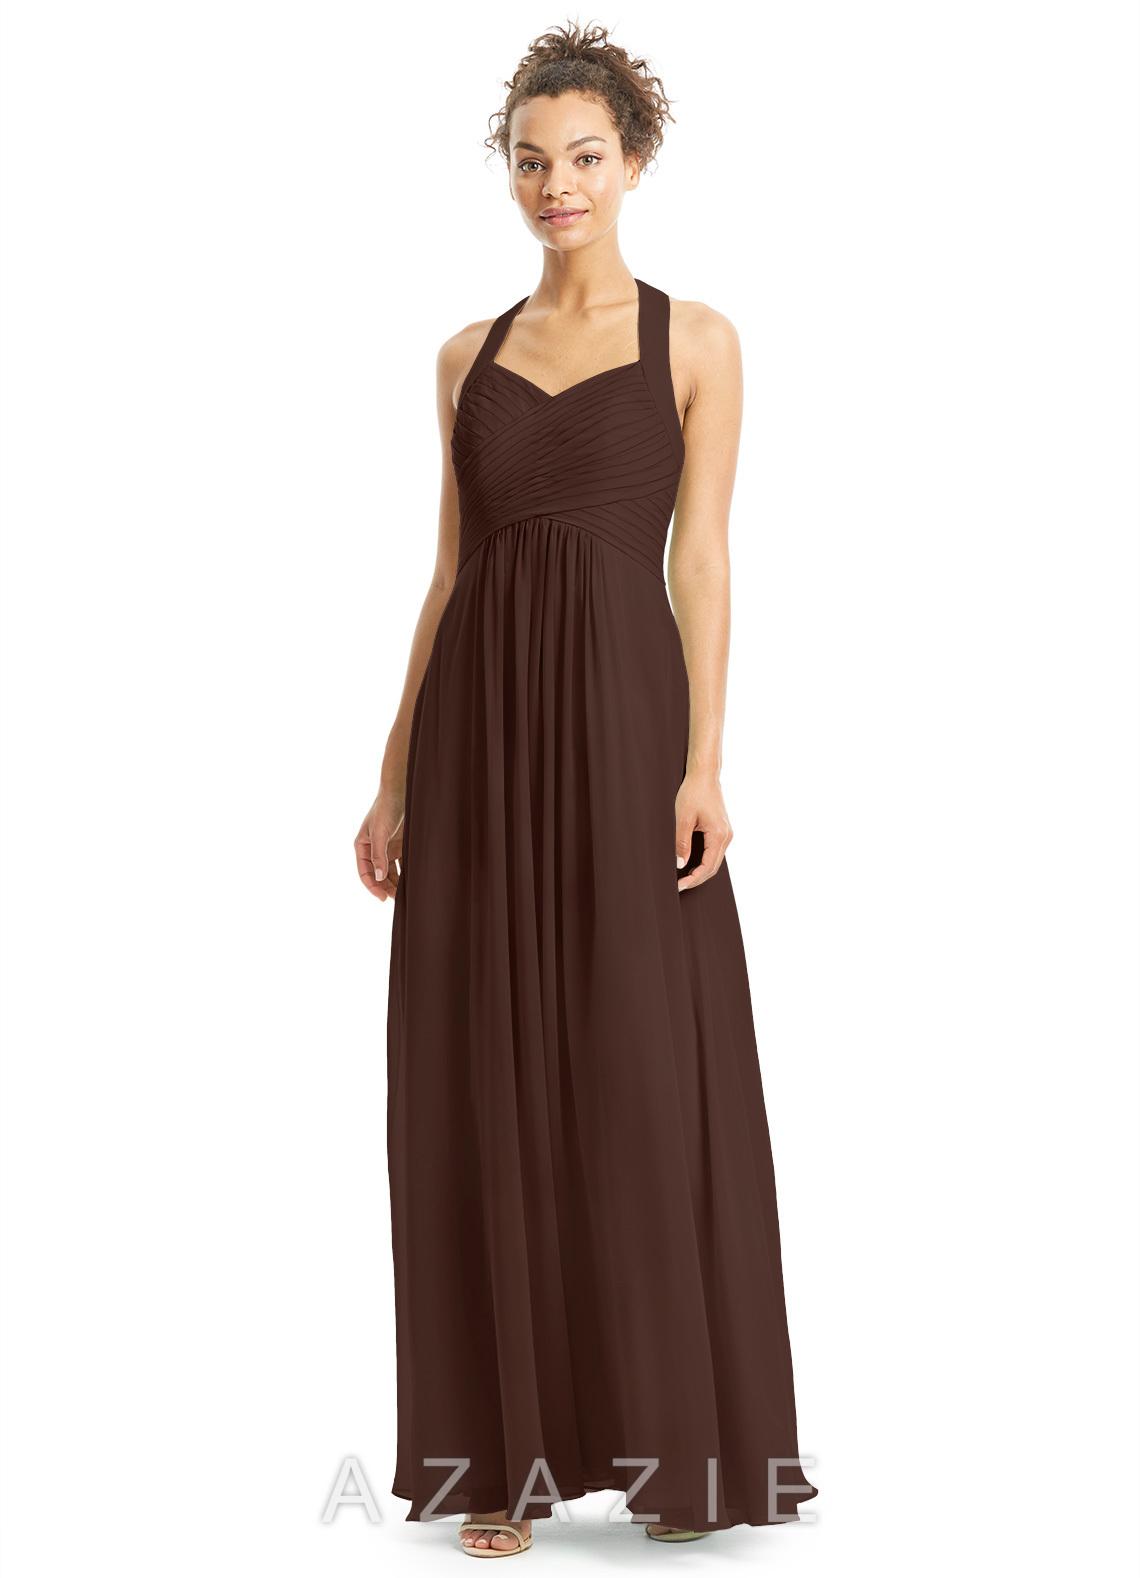 Azazie savannah bridesmaid dress azazie color chocolate ombrellifo Choice Image